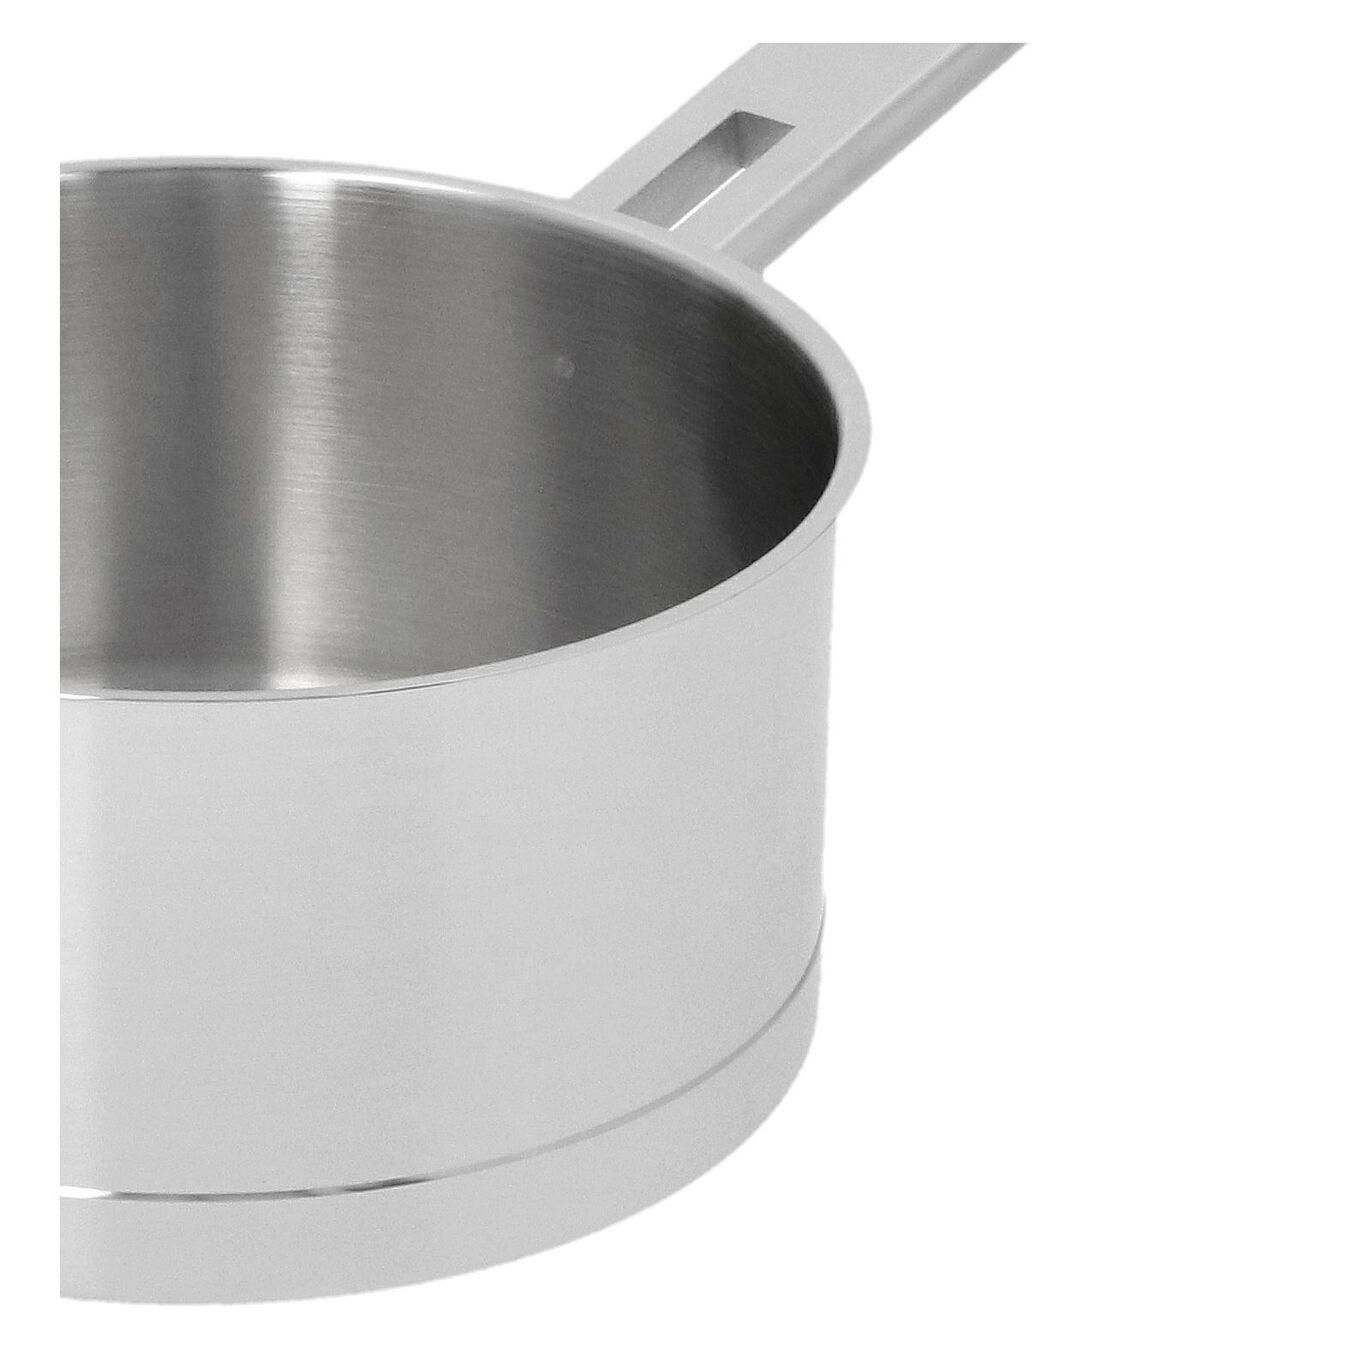 Stieltopf mit Deckel 18 cm, 18/10 Edelstahl, Silber,,large 4